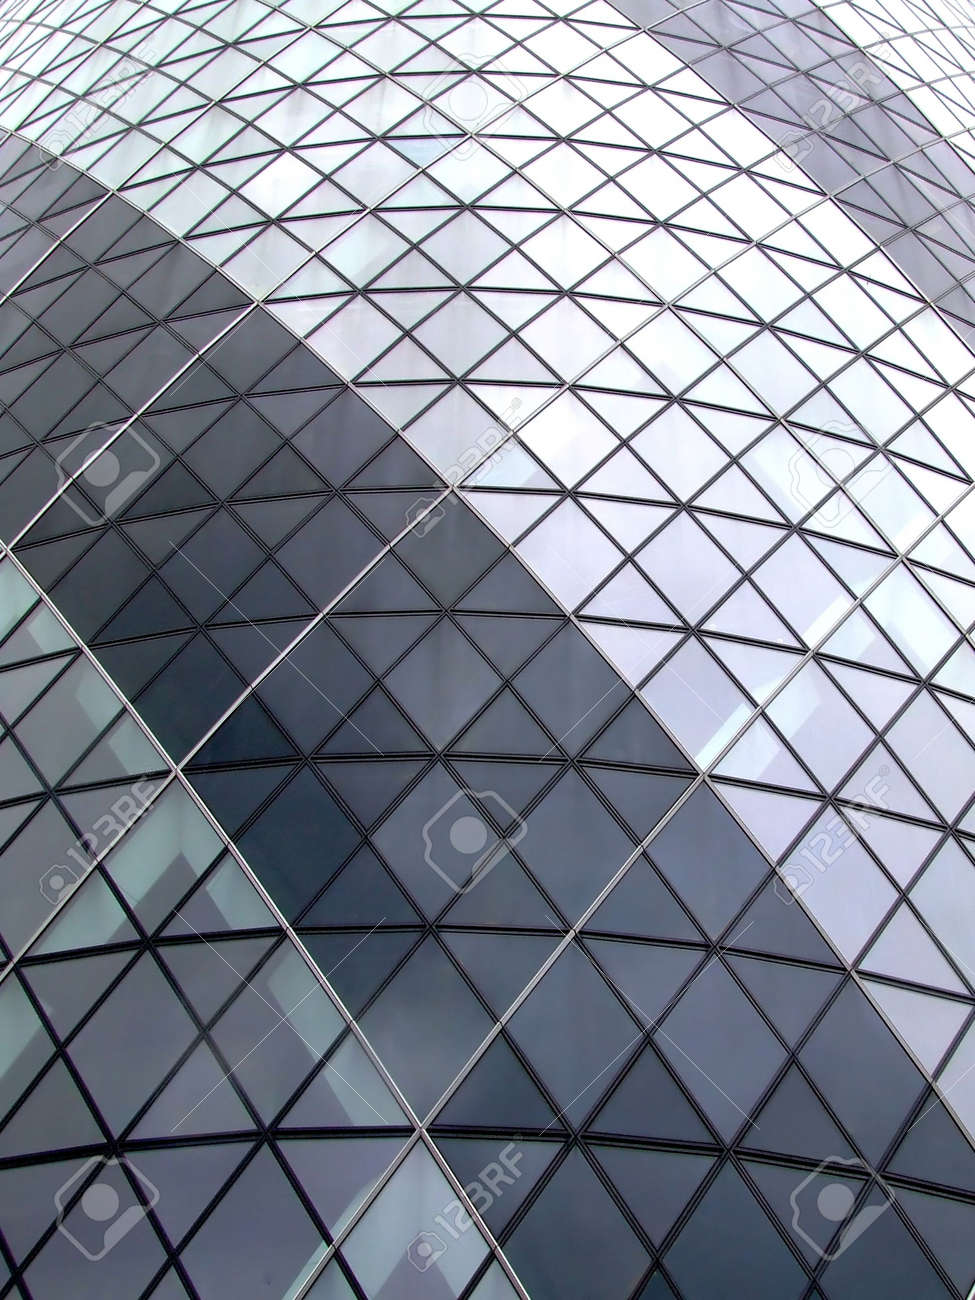 Glasfassade textur  Dreieckige Glasfassade Textur Lizenzfreie Fotos, Bilder Und Stock ...